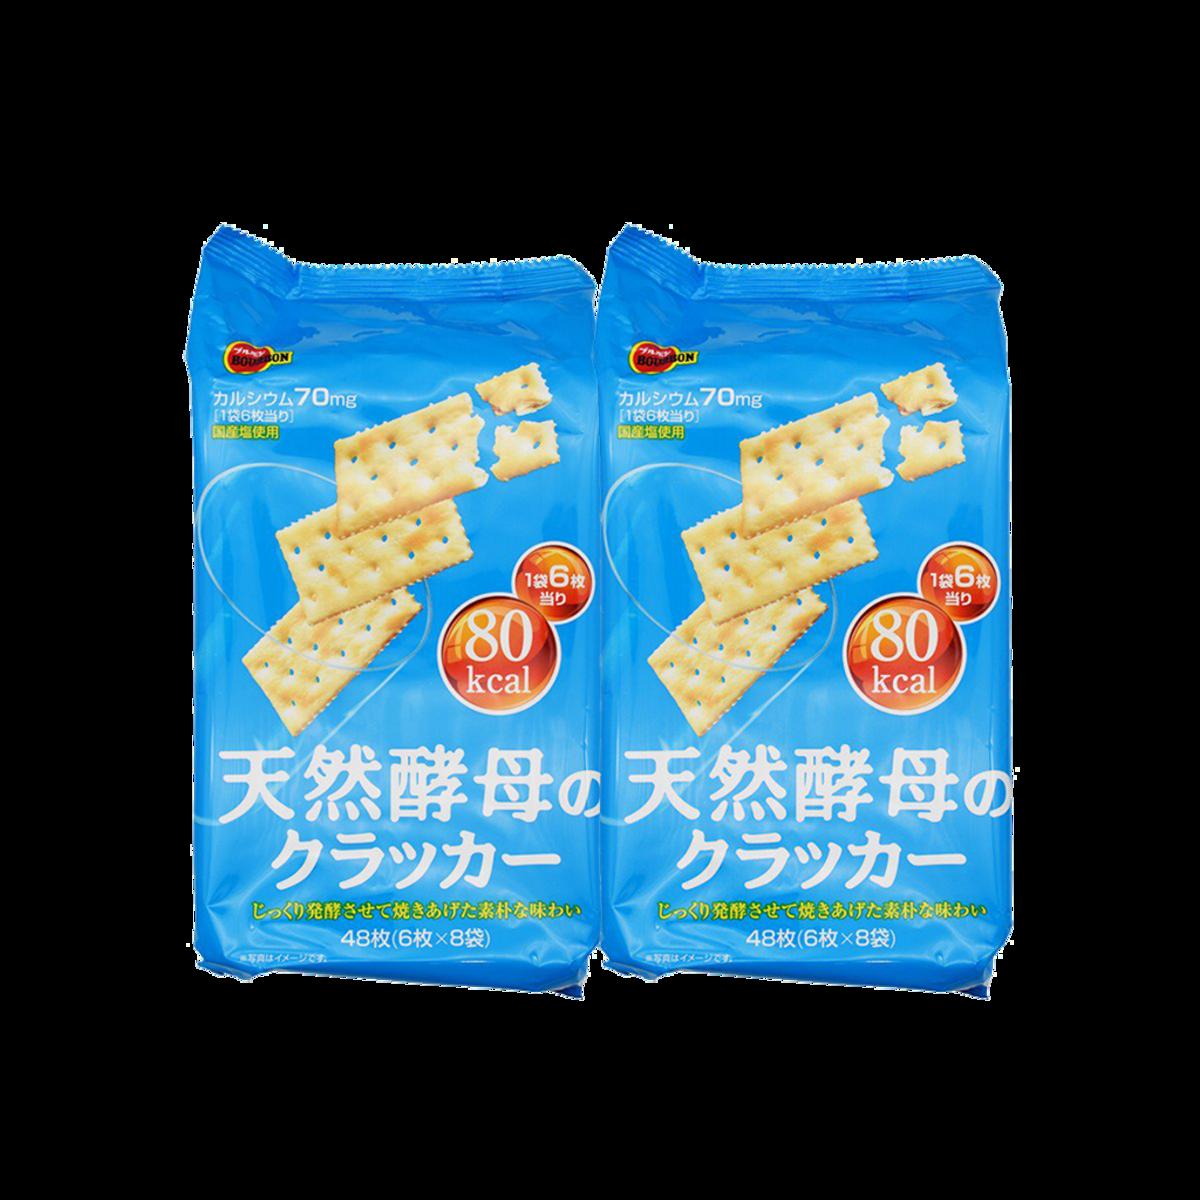 天然酵母梳打餅48枚 x 2(賞味期限: 年/月/日 2020.04.25)